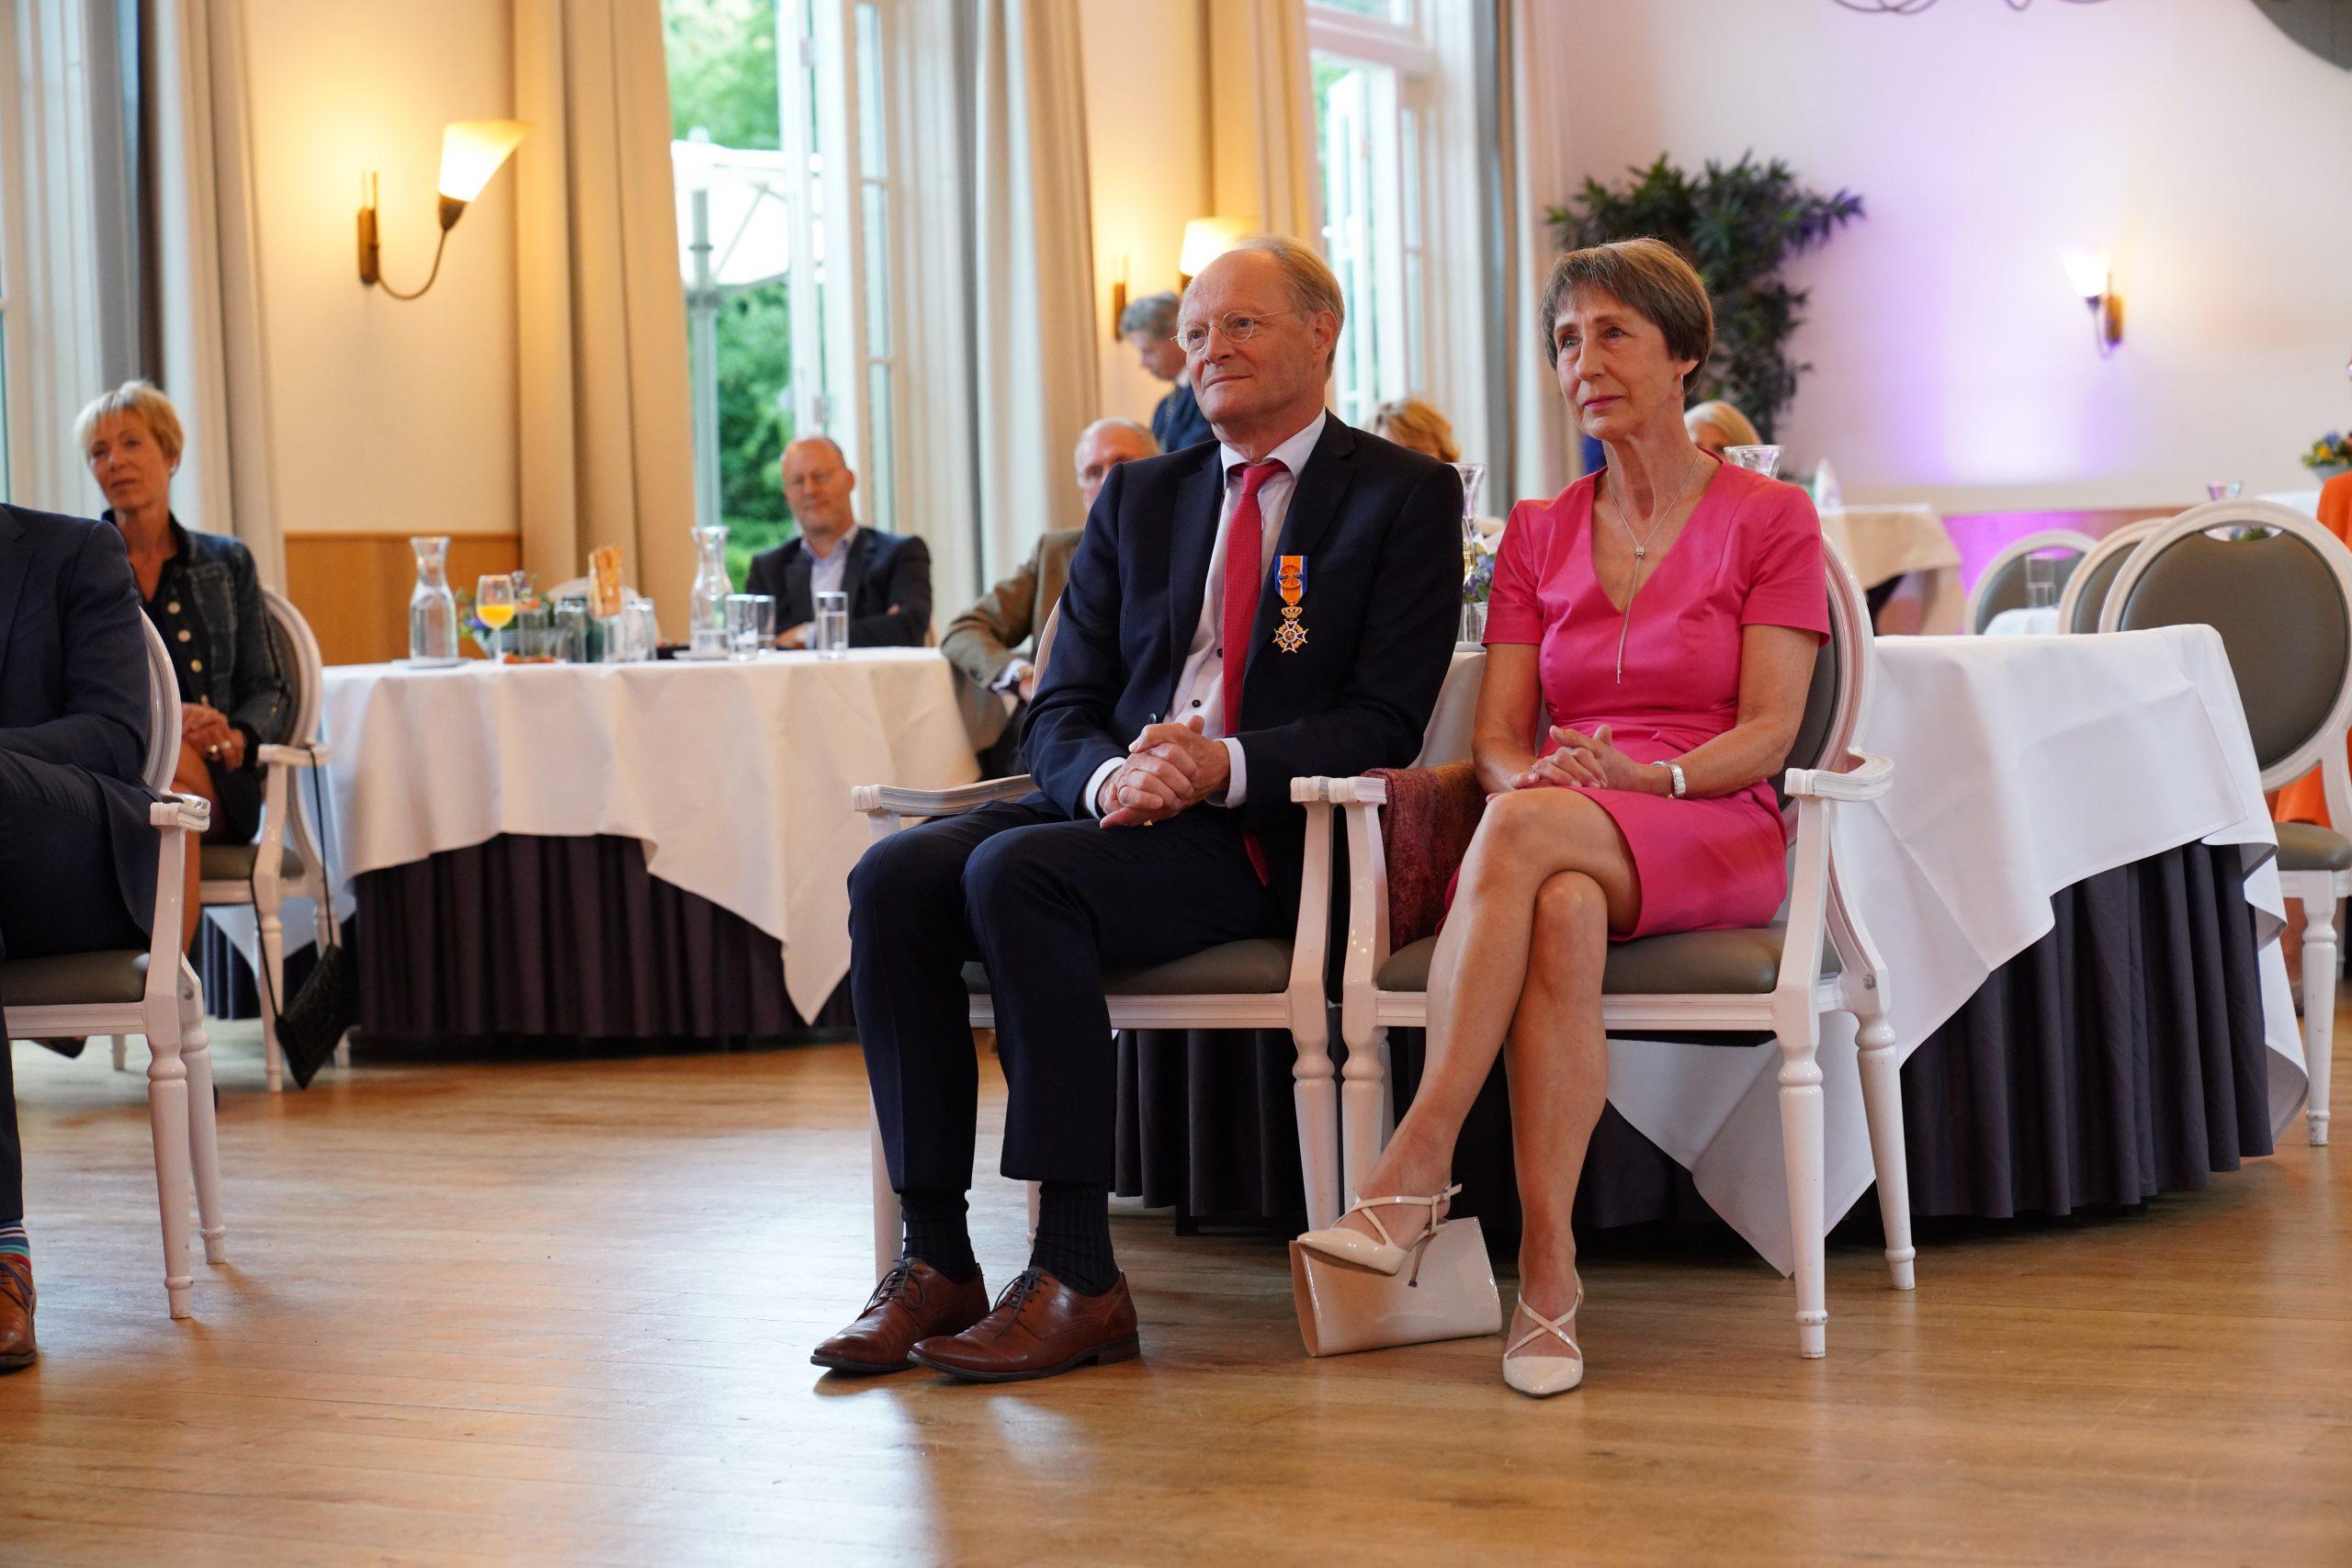 Hoge Koninklijke Onderscheiding voor Arnhemmer Van der Ven: 'De vrijwillige hulp van sterke schouders stuwt ons op'